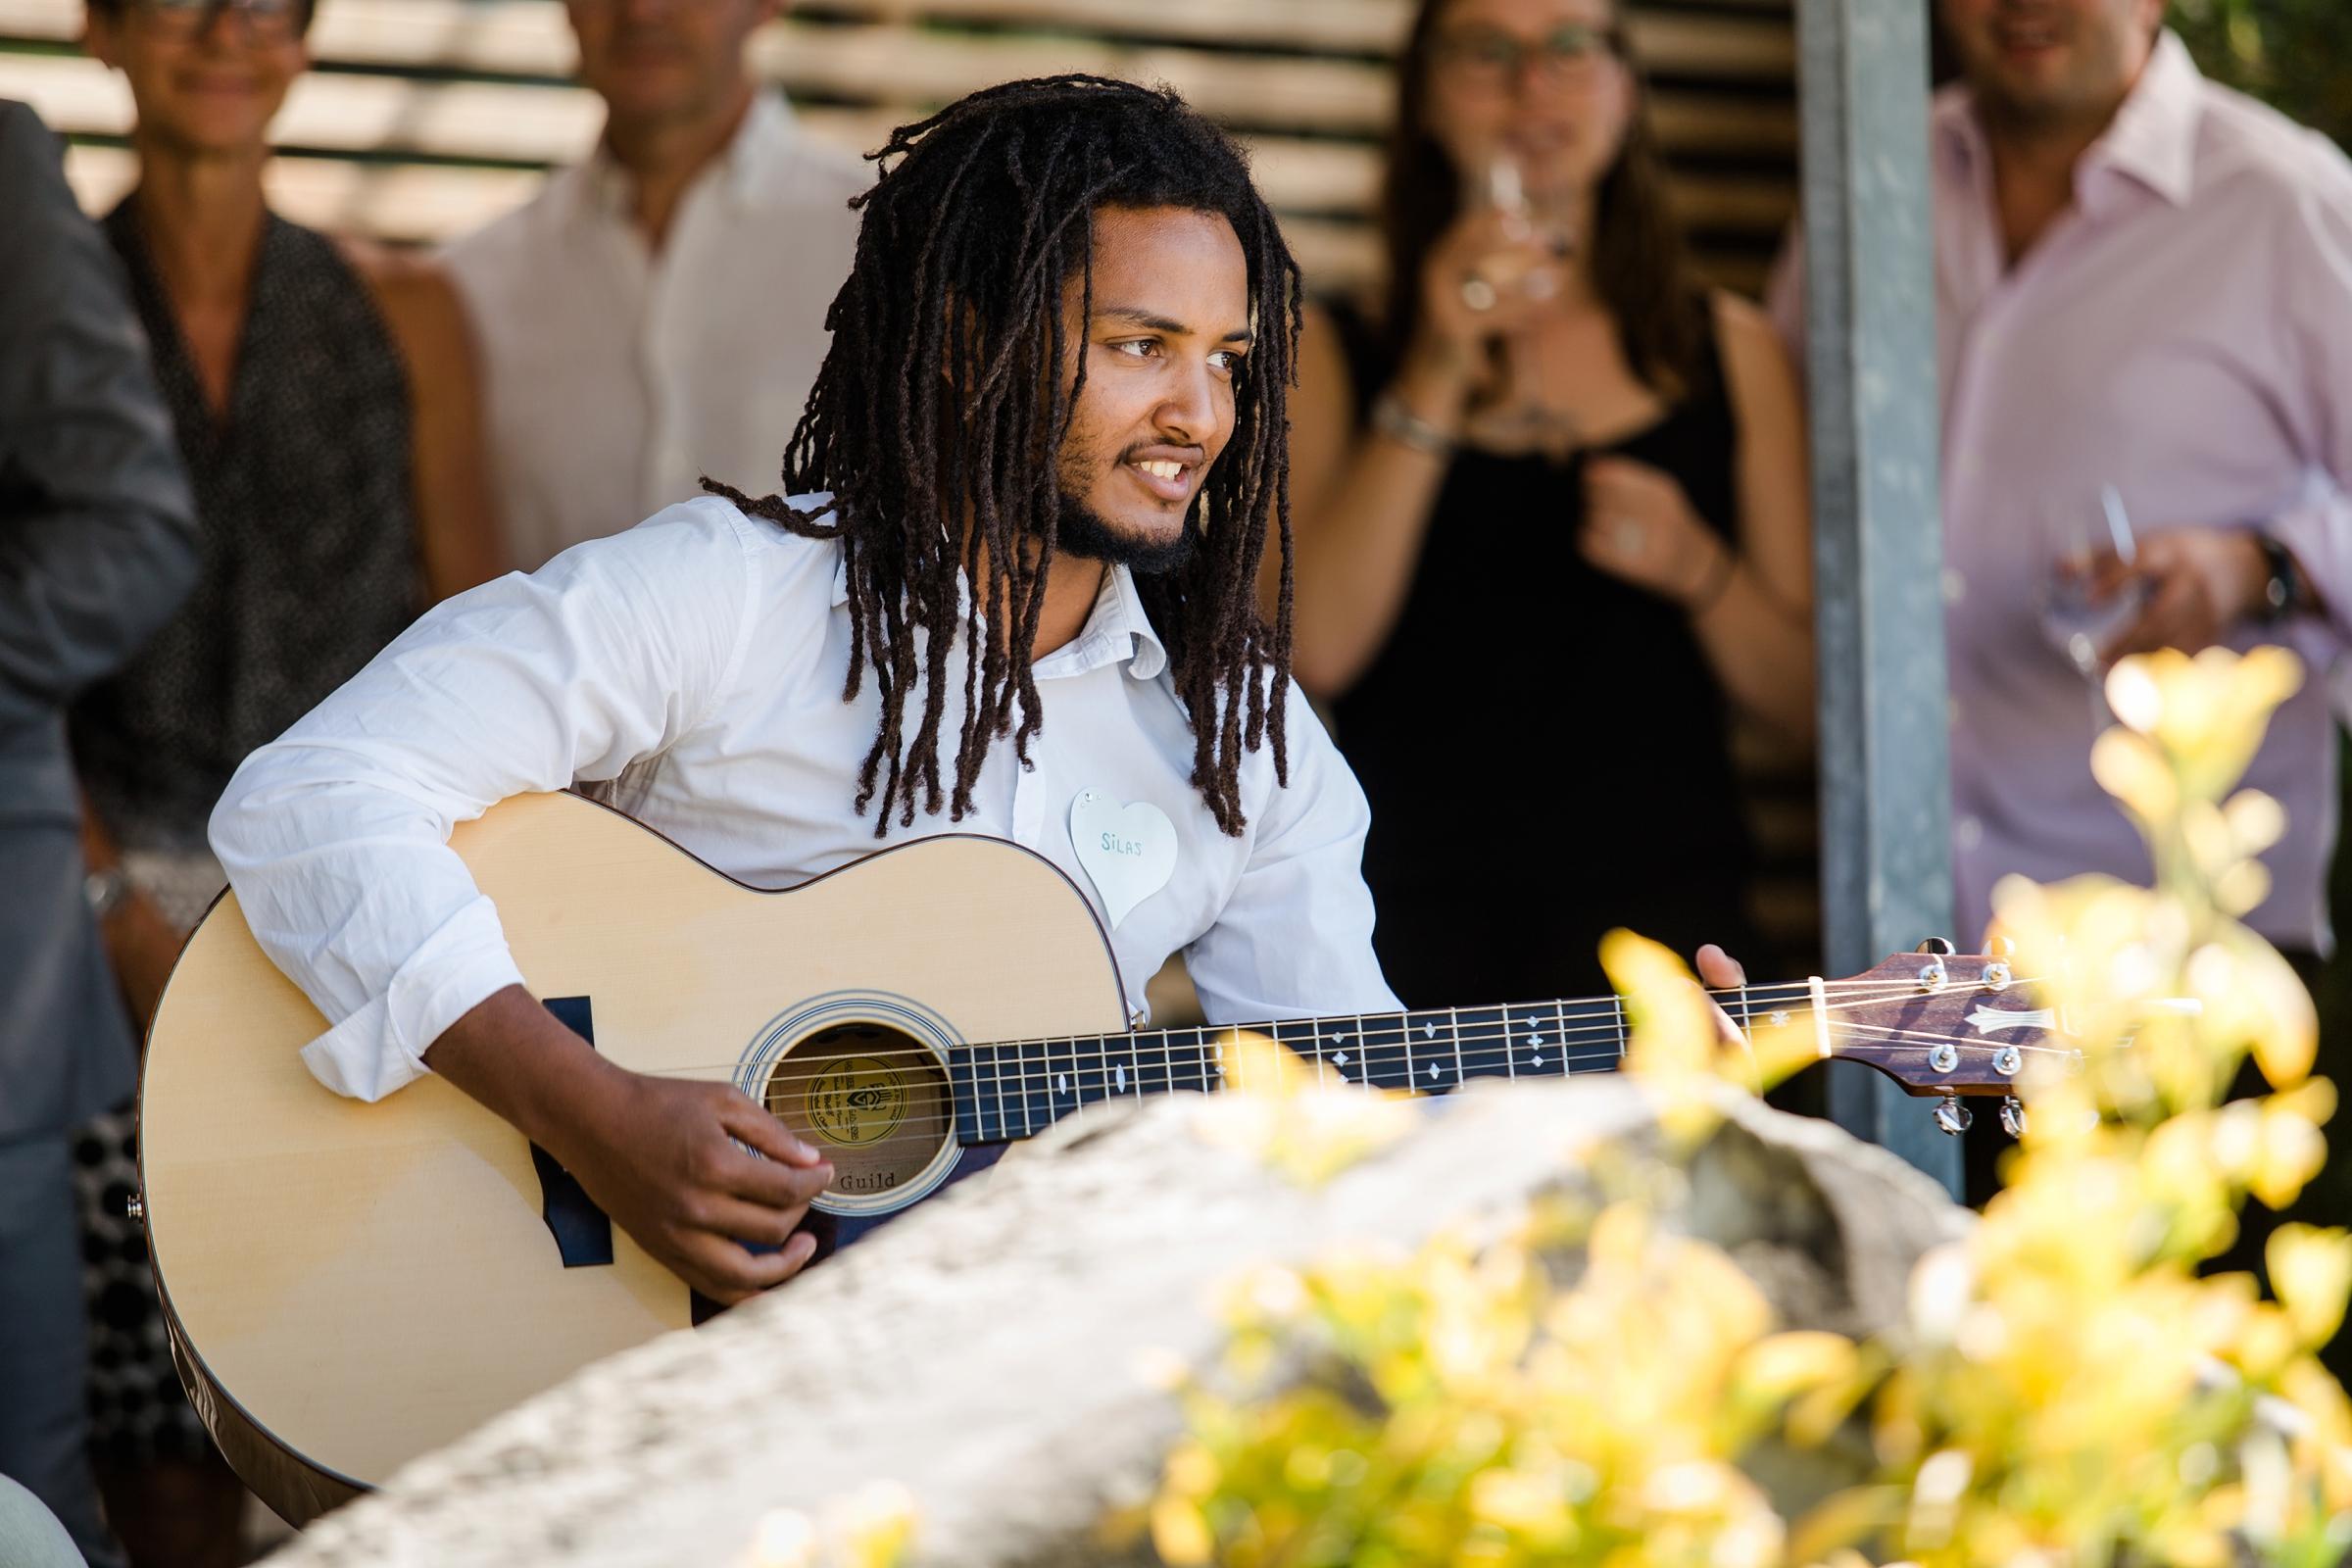 Hochzeitsfotograf-Zuerich-Band-Musiker-Giardino-Verde-Uitikon